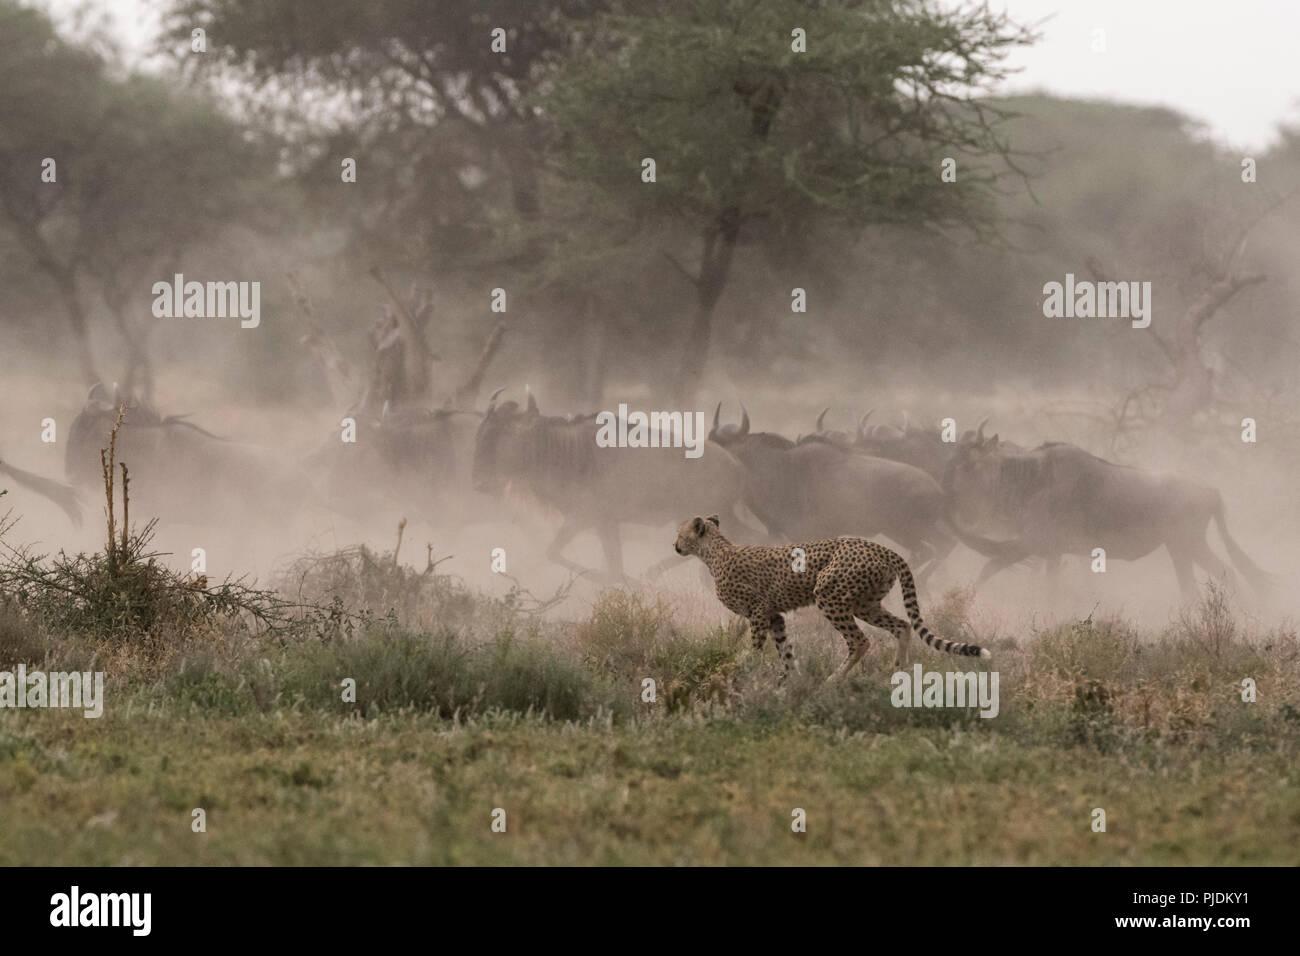 Cheetah hunting blue wildebeest, Ndutu, Ngorongoro Conservation Area, Serengeti, Tanzania Stock Photo